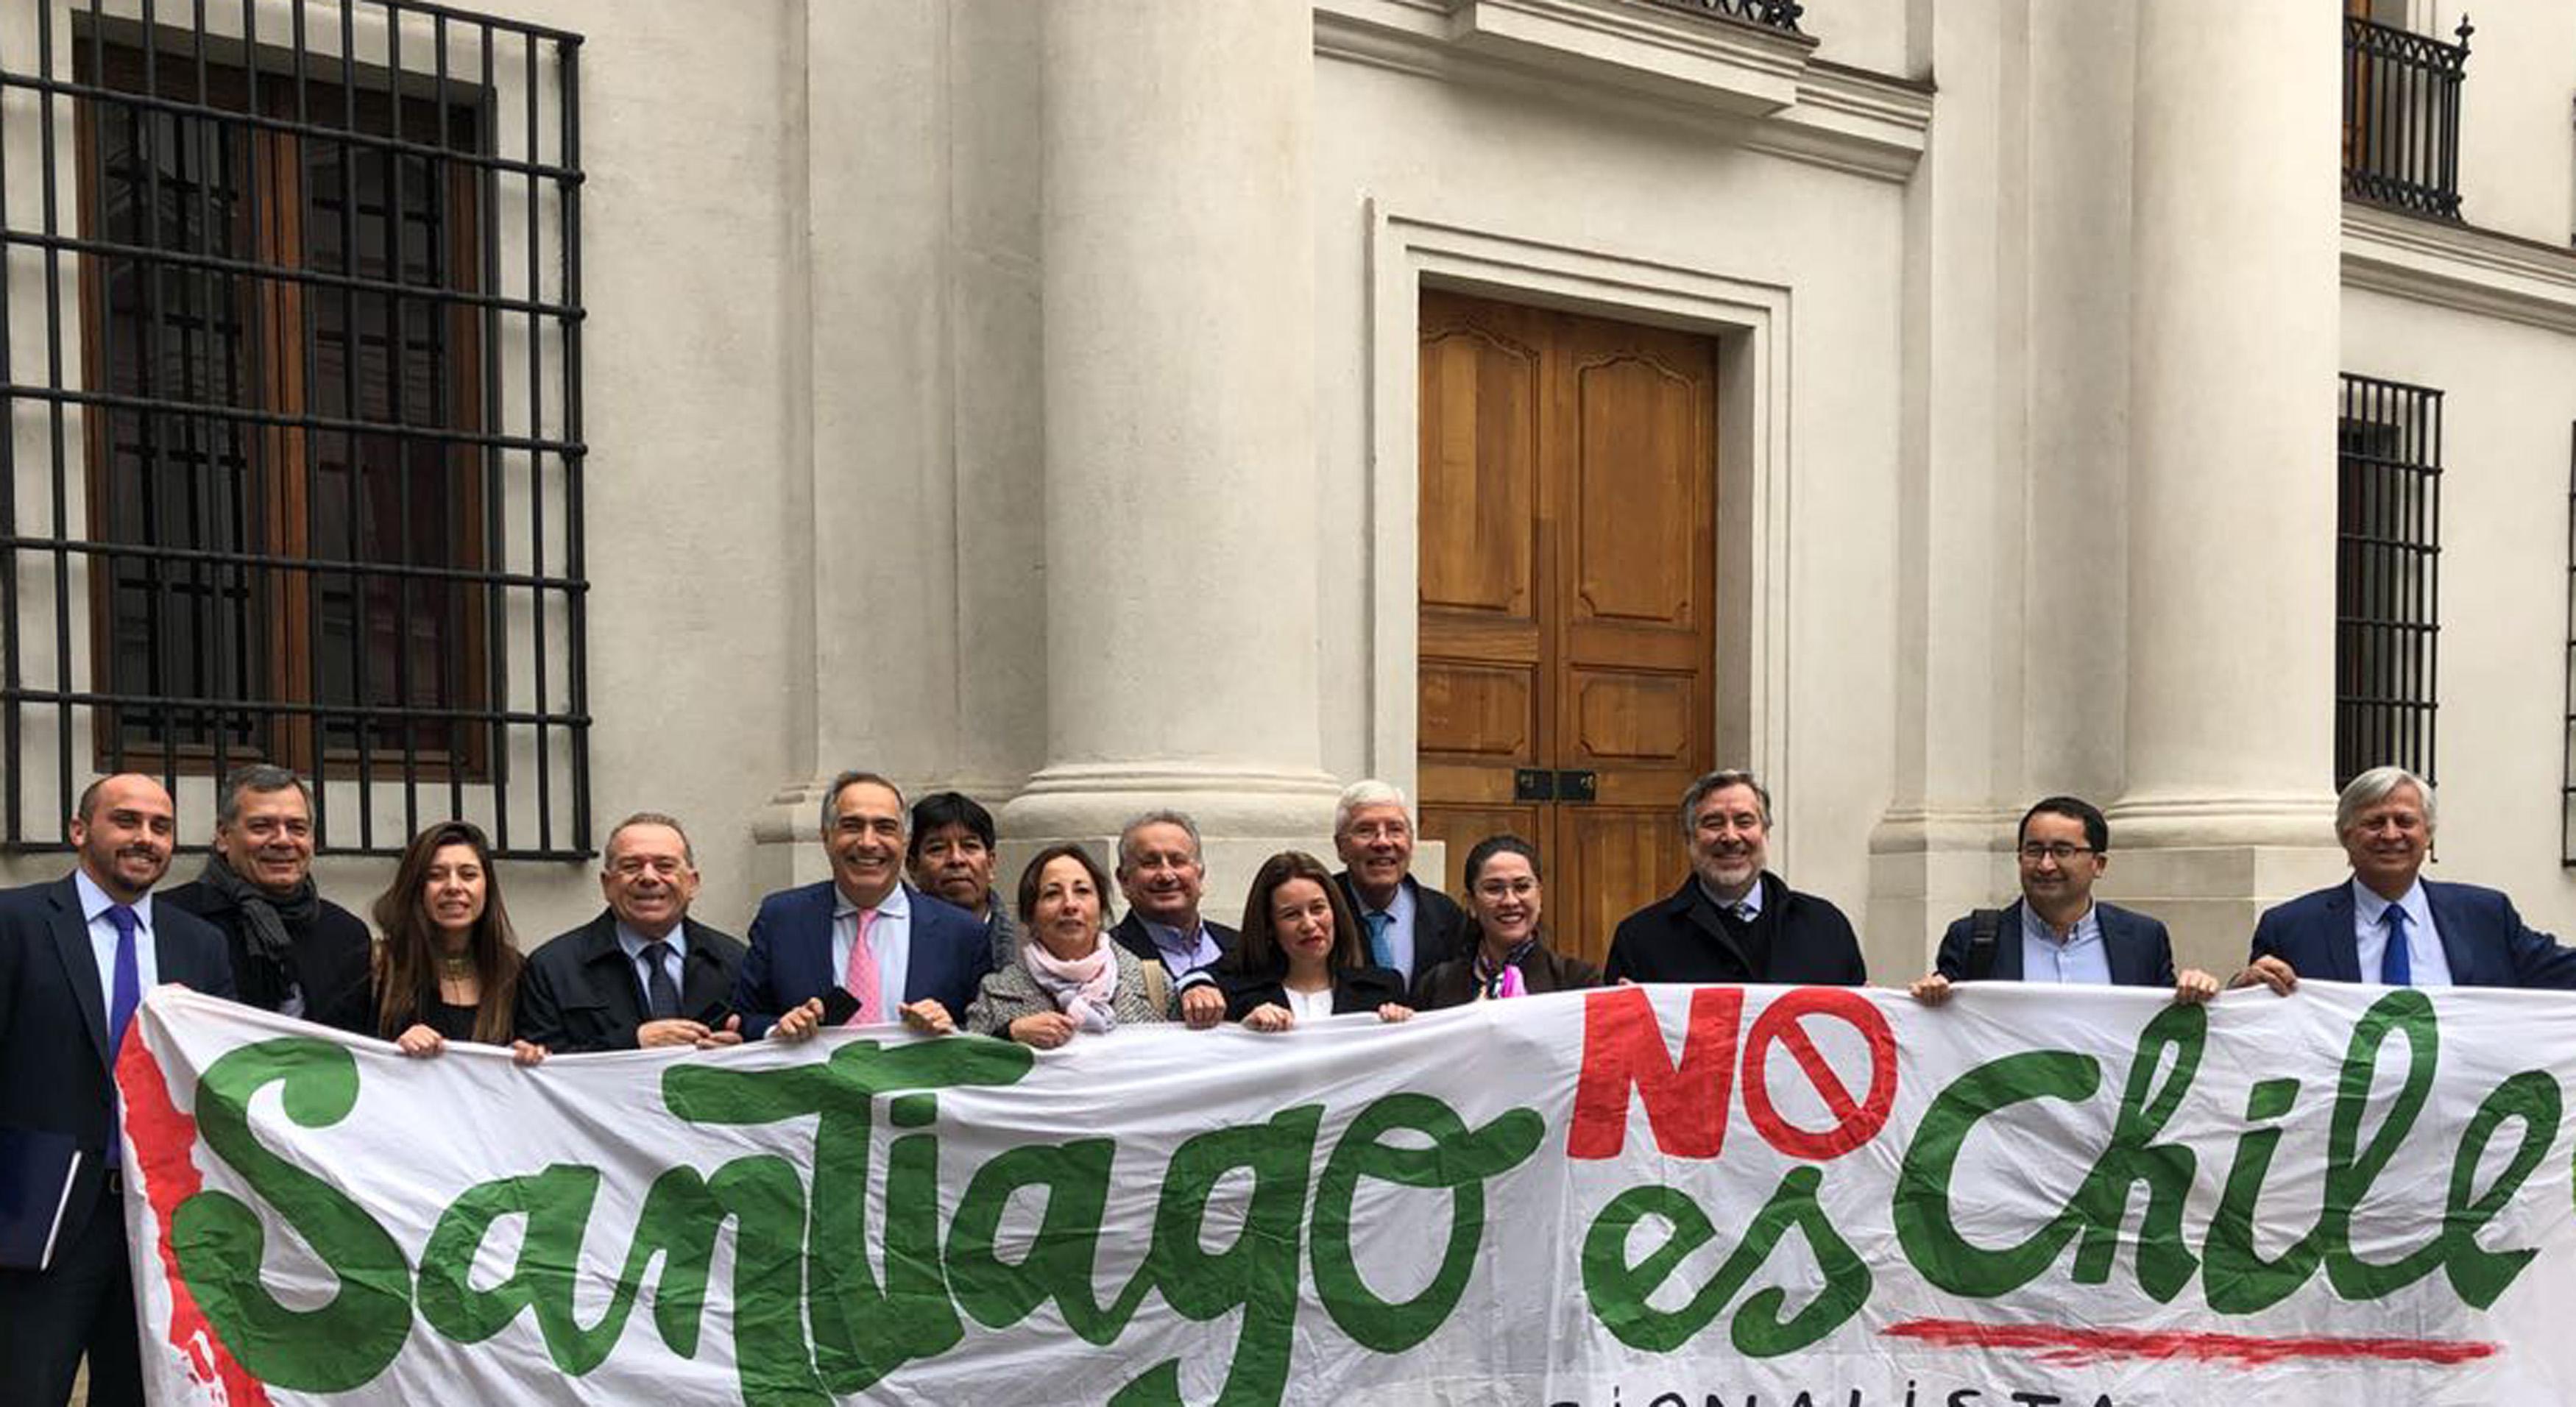 Diputada Cicardini llegó a La Moneda para exigir mayor descentralización en el país